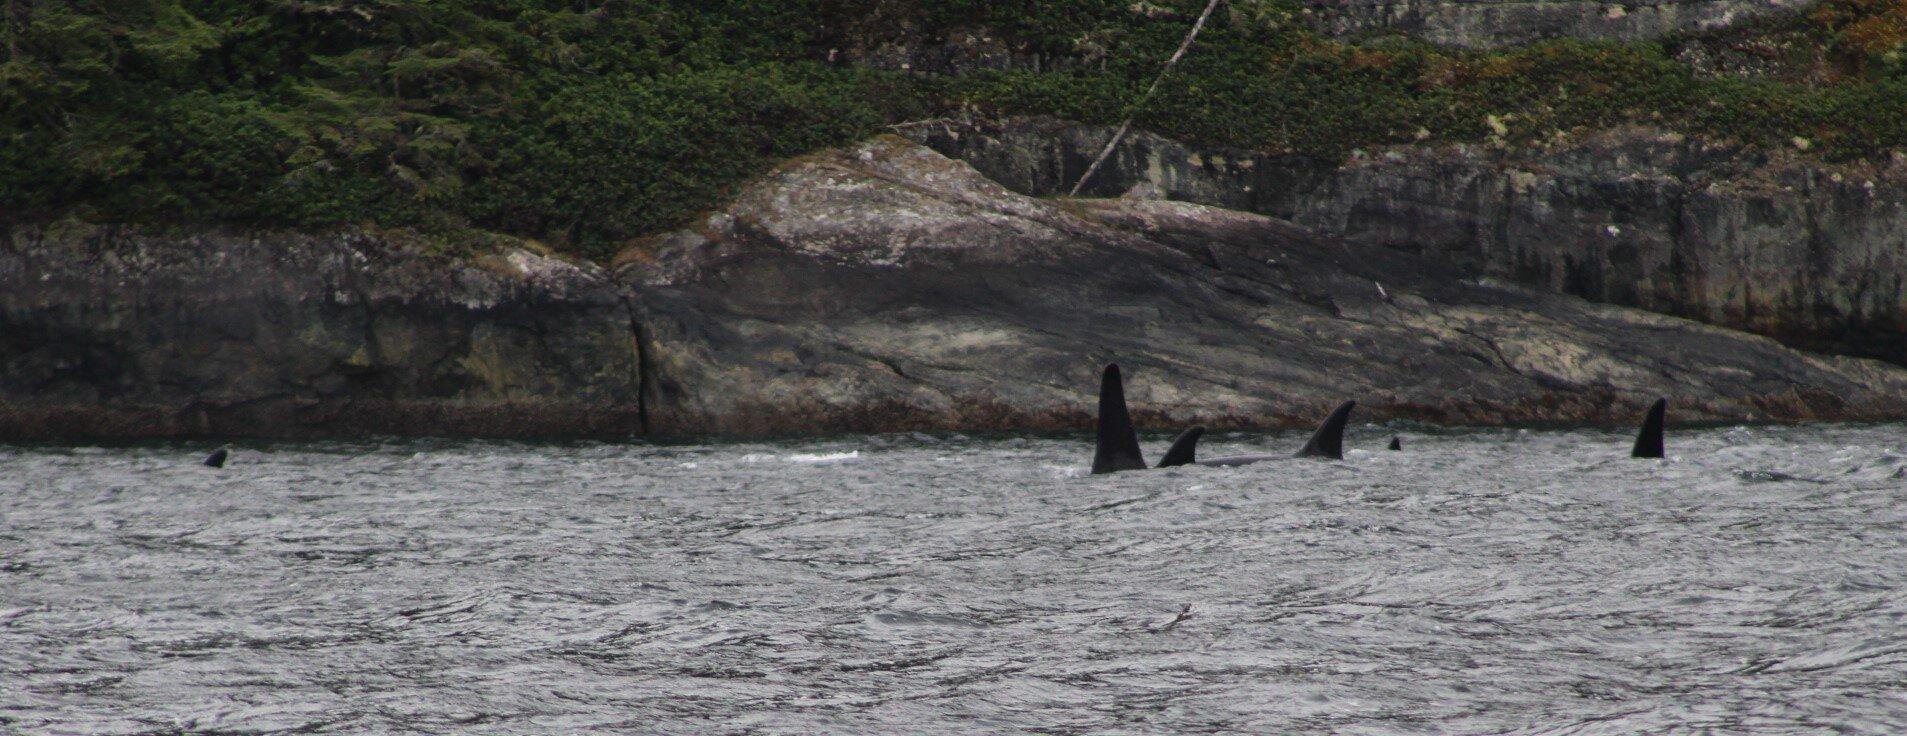 orca family.JPG